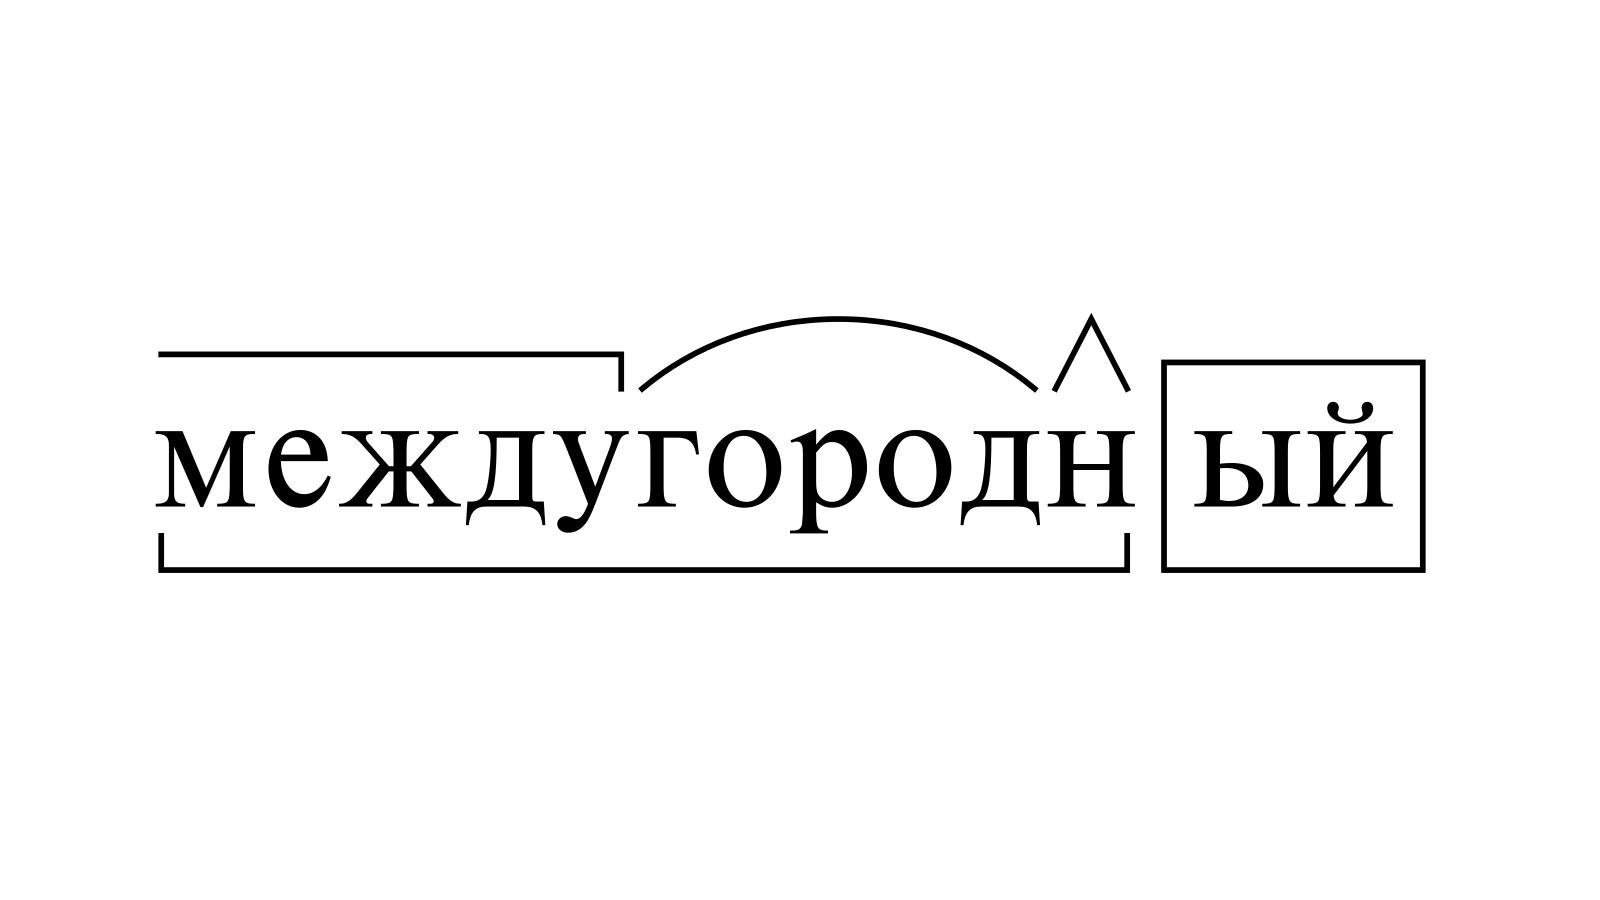 Разбор слова «междугородный» по составу